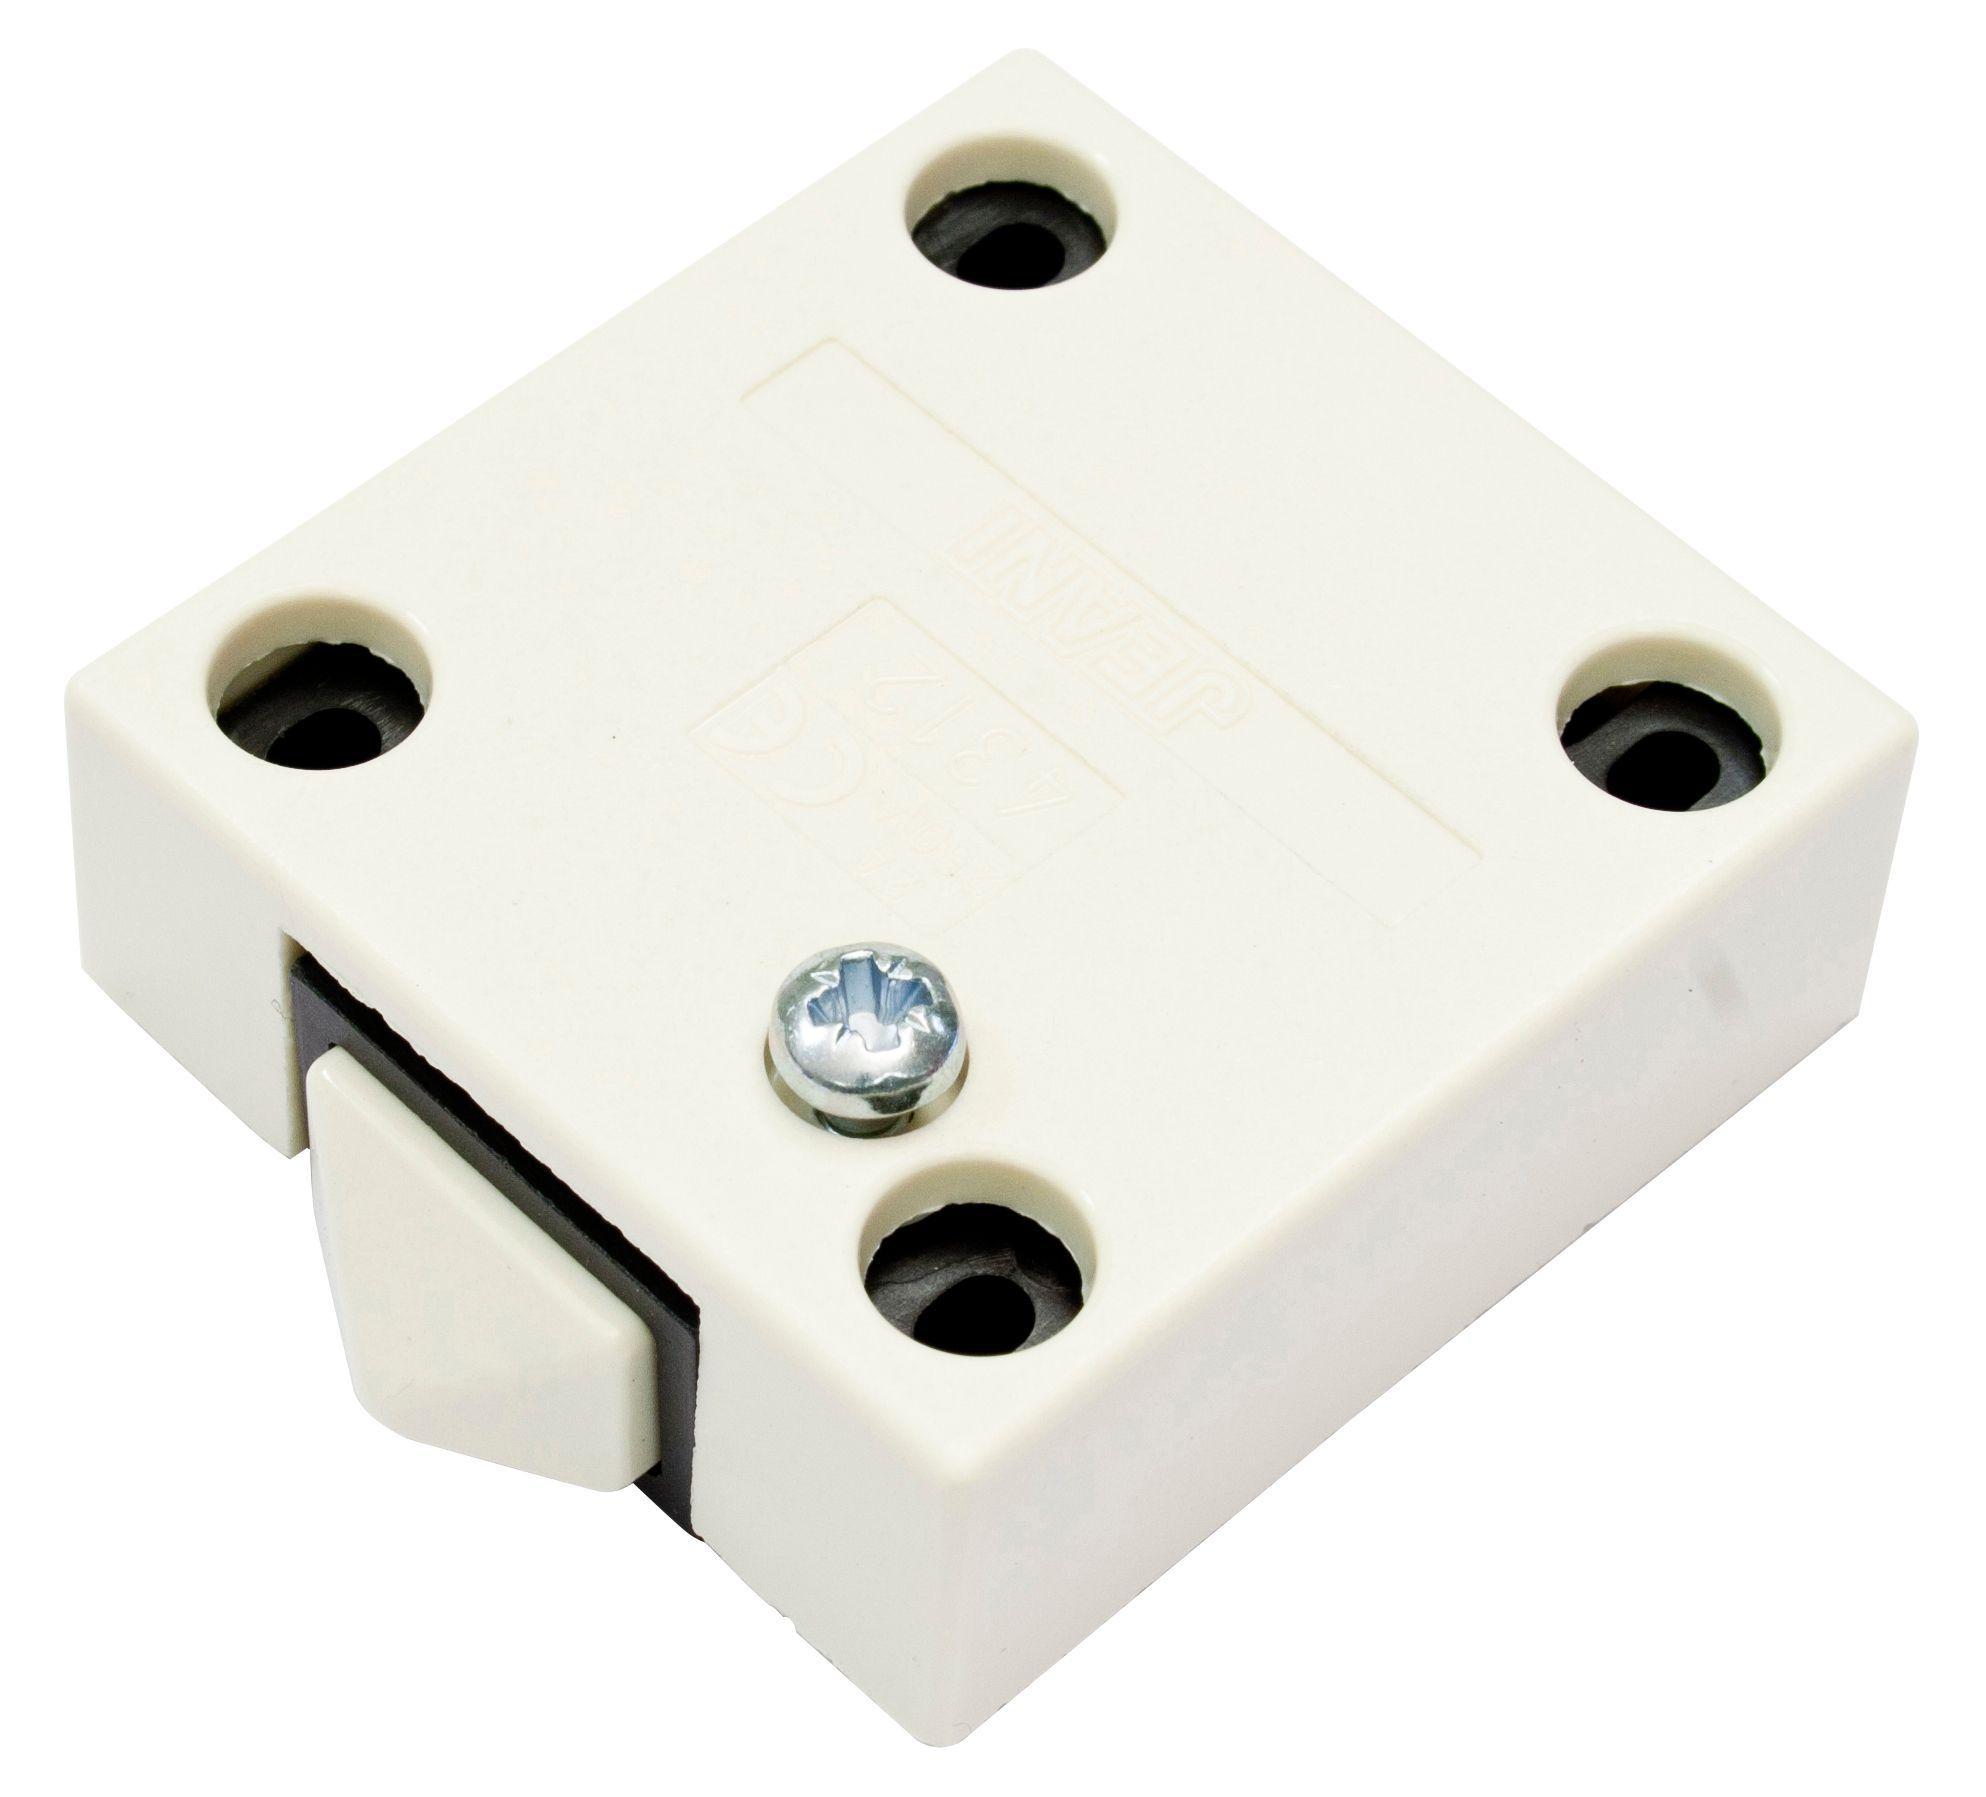 B&Q Cream Door Operated Cabinet Switch